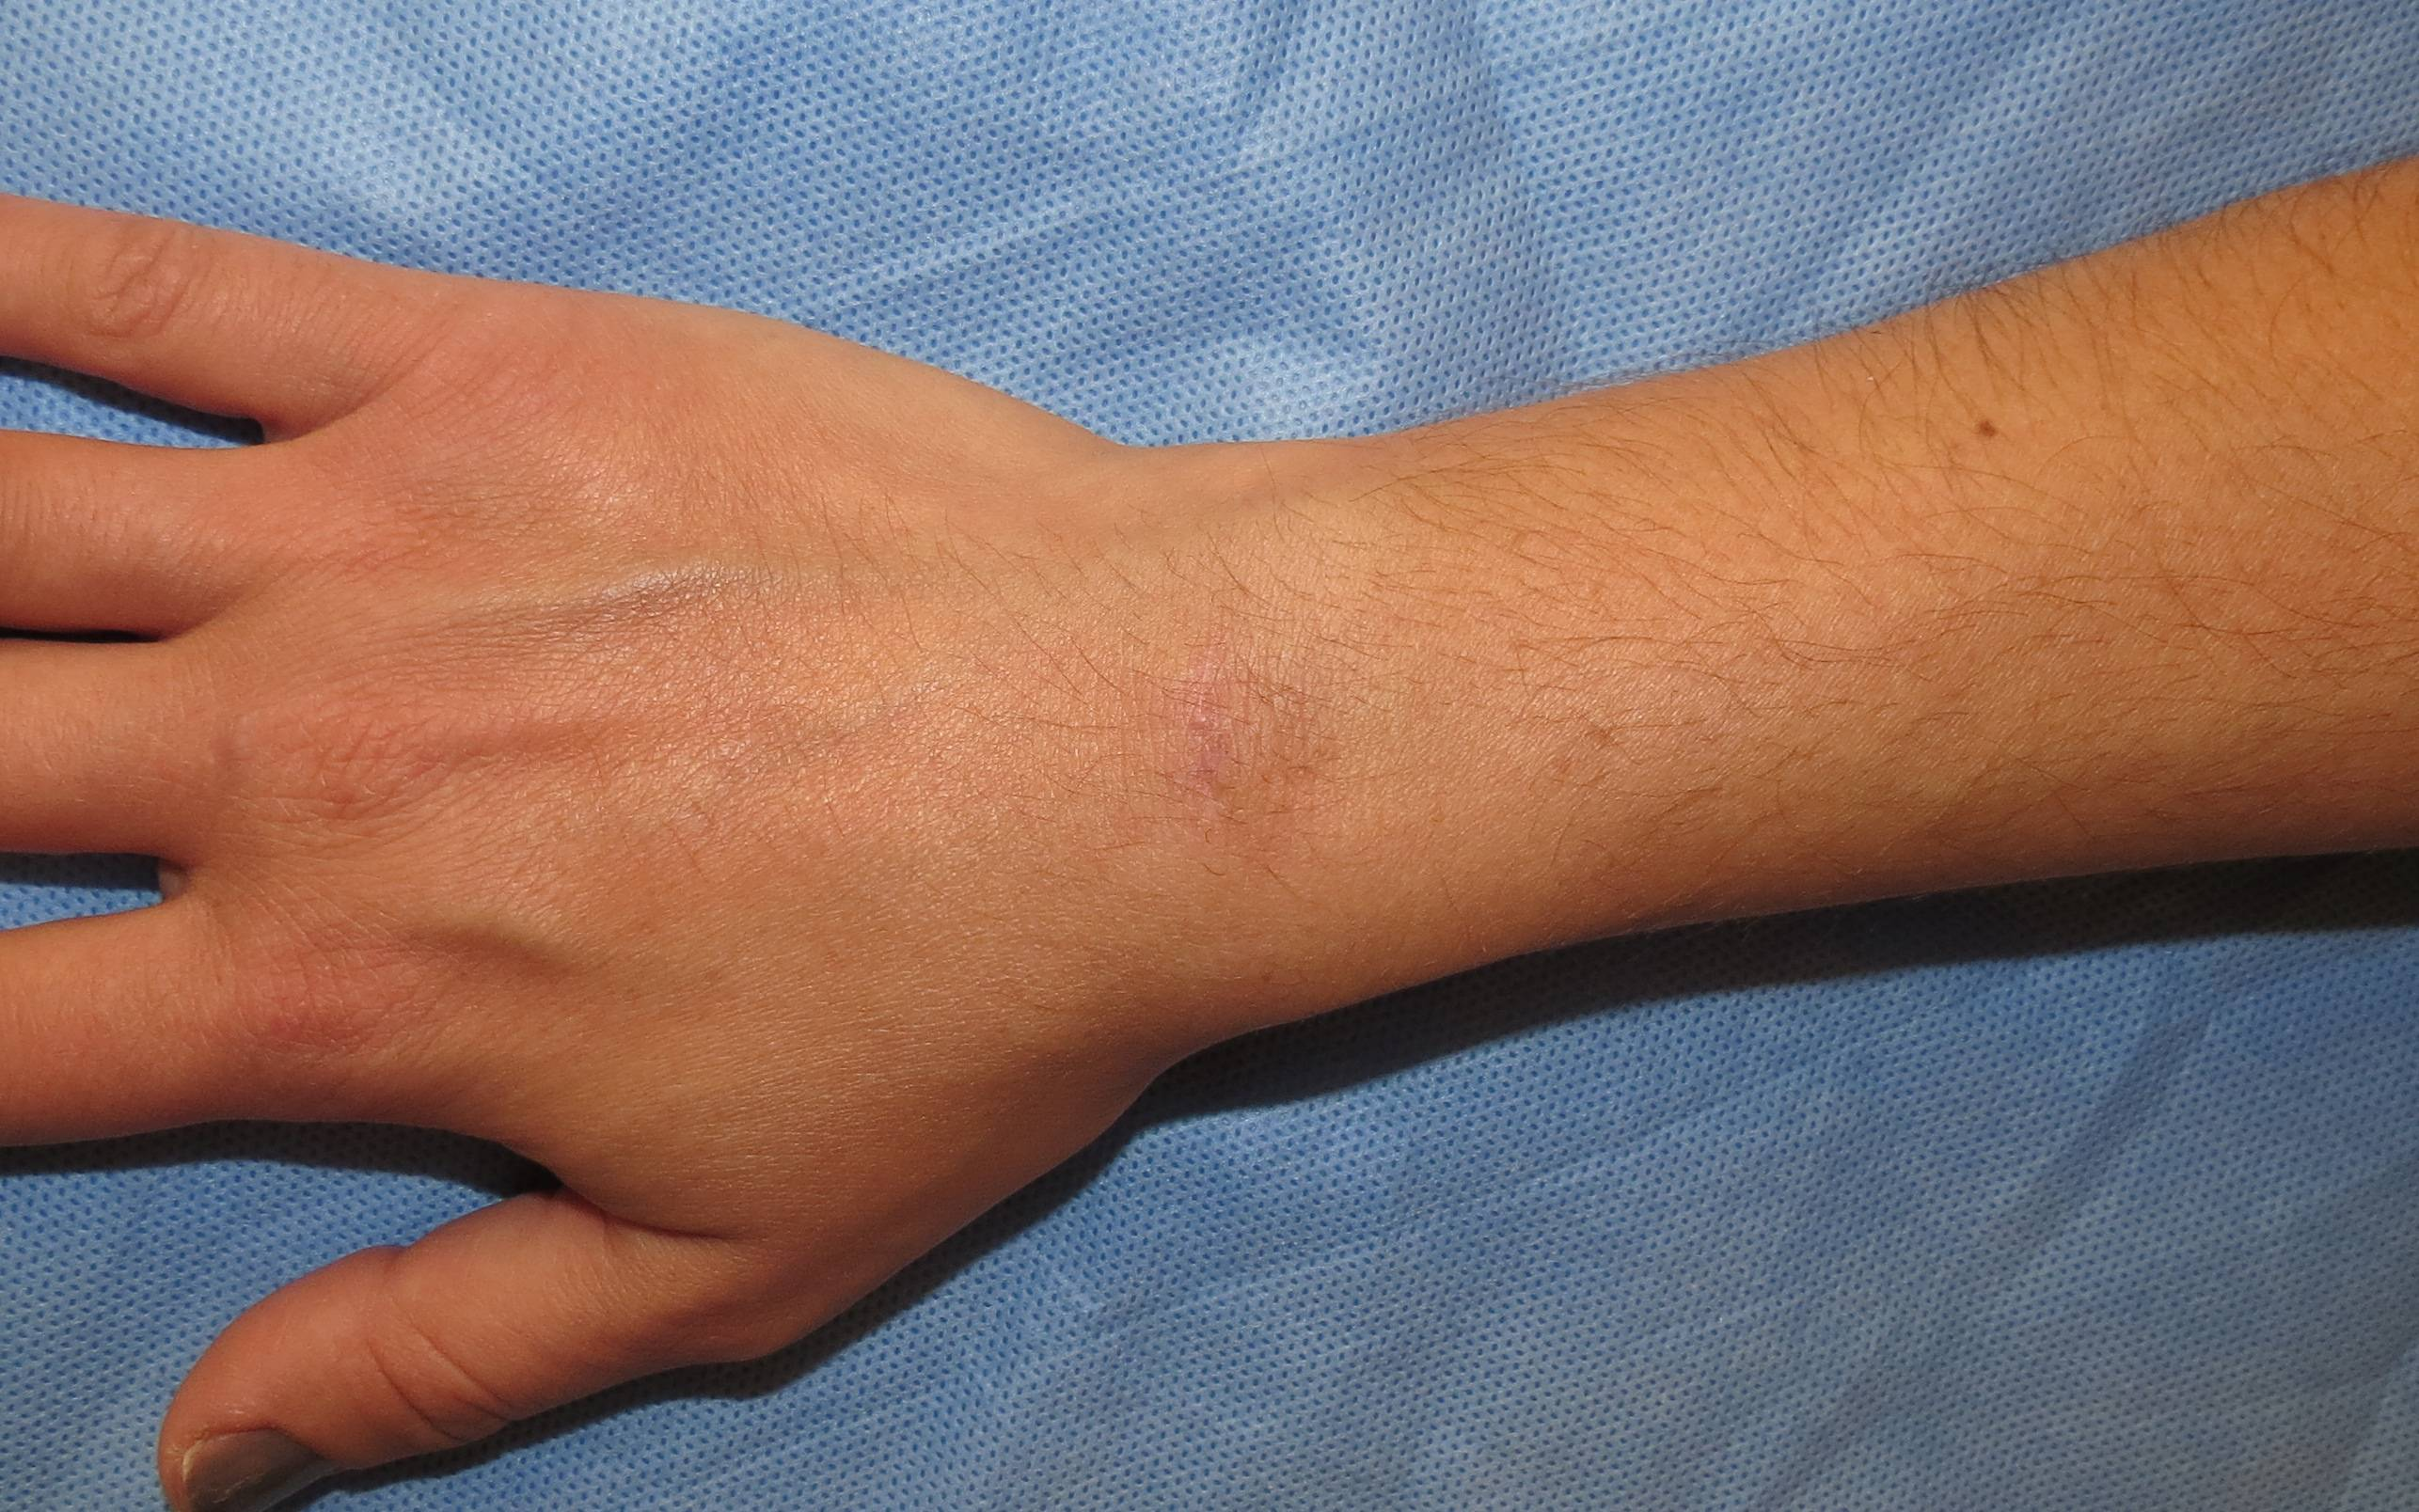 Гигрома - лечение в домашних условиях - Народные методы и 221